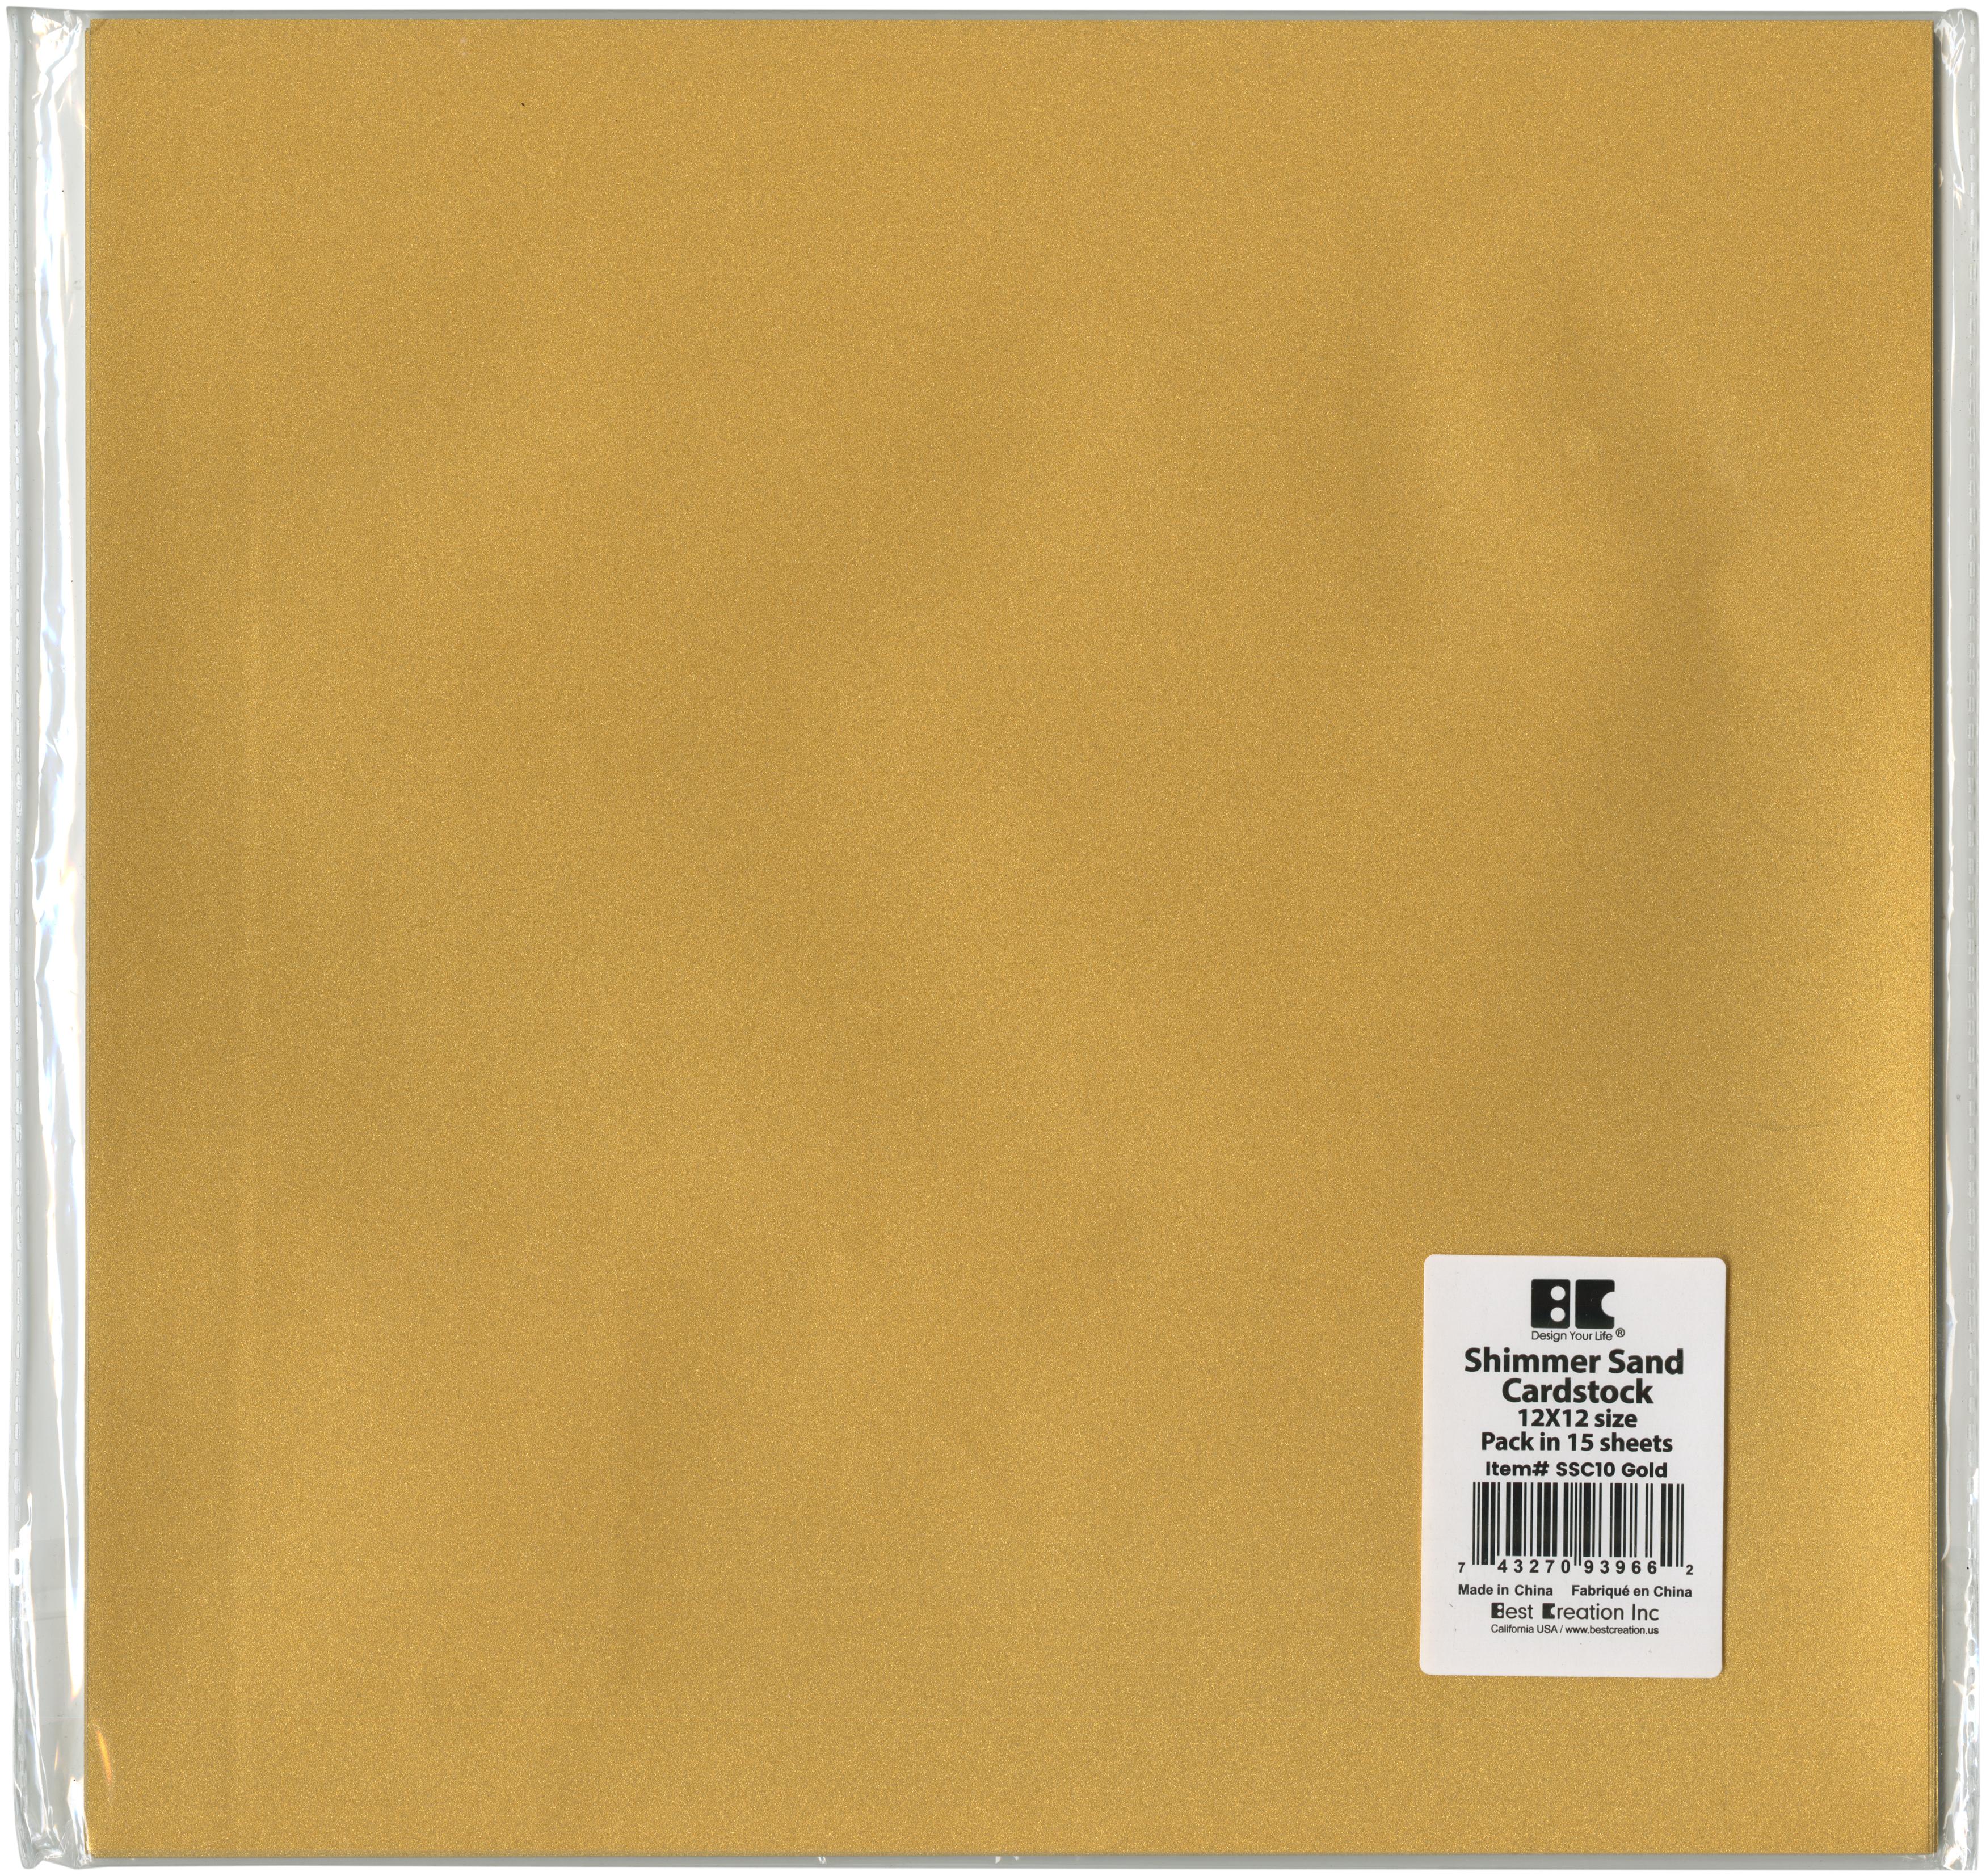 gold shimmer sand cardstock